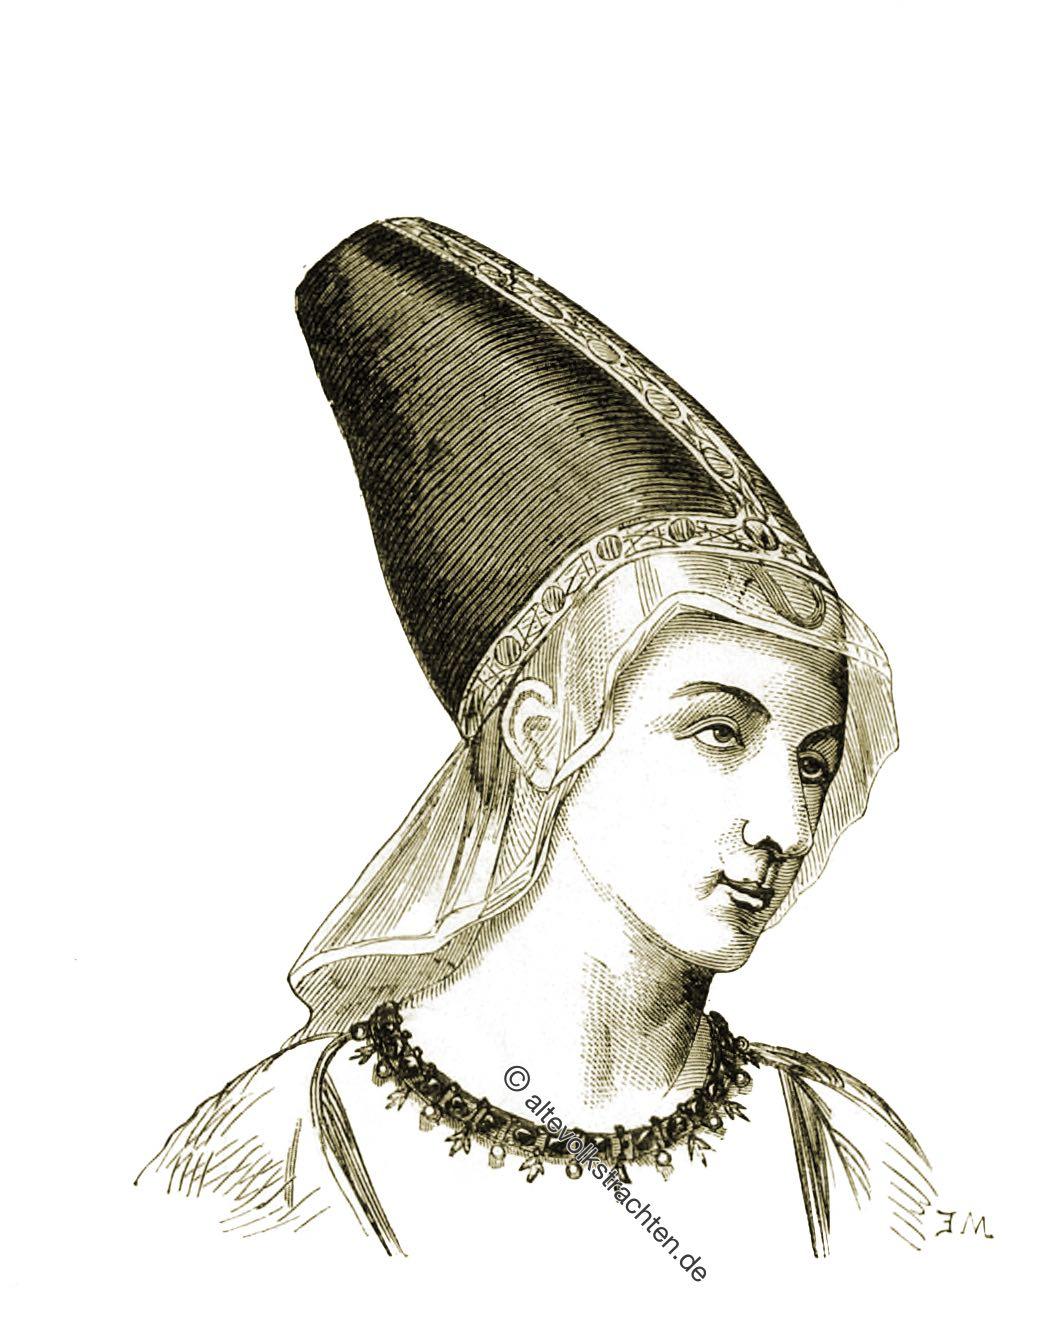 Prinzessin, Maria von Anjou, Viollet-le-Duc, Frisur, Mittelalter, Hennin, Kopfbedeckung, Gotik